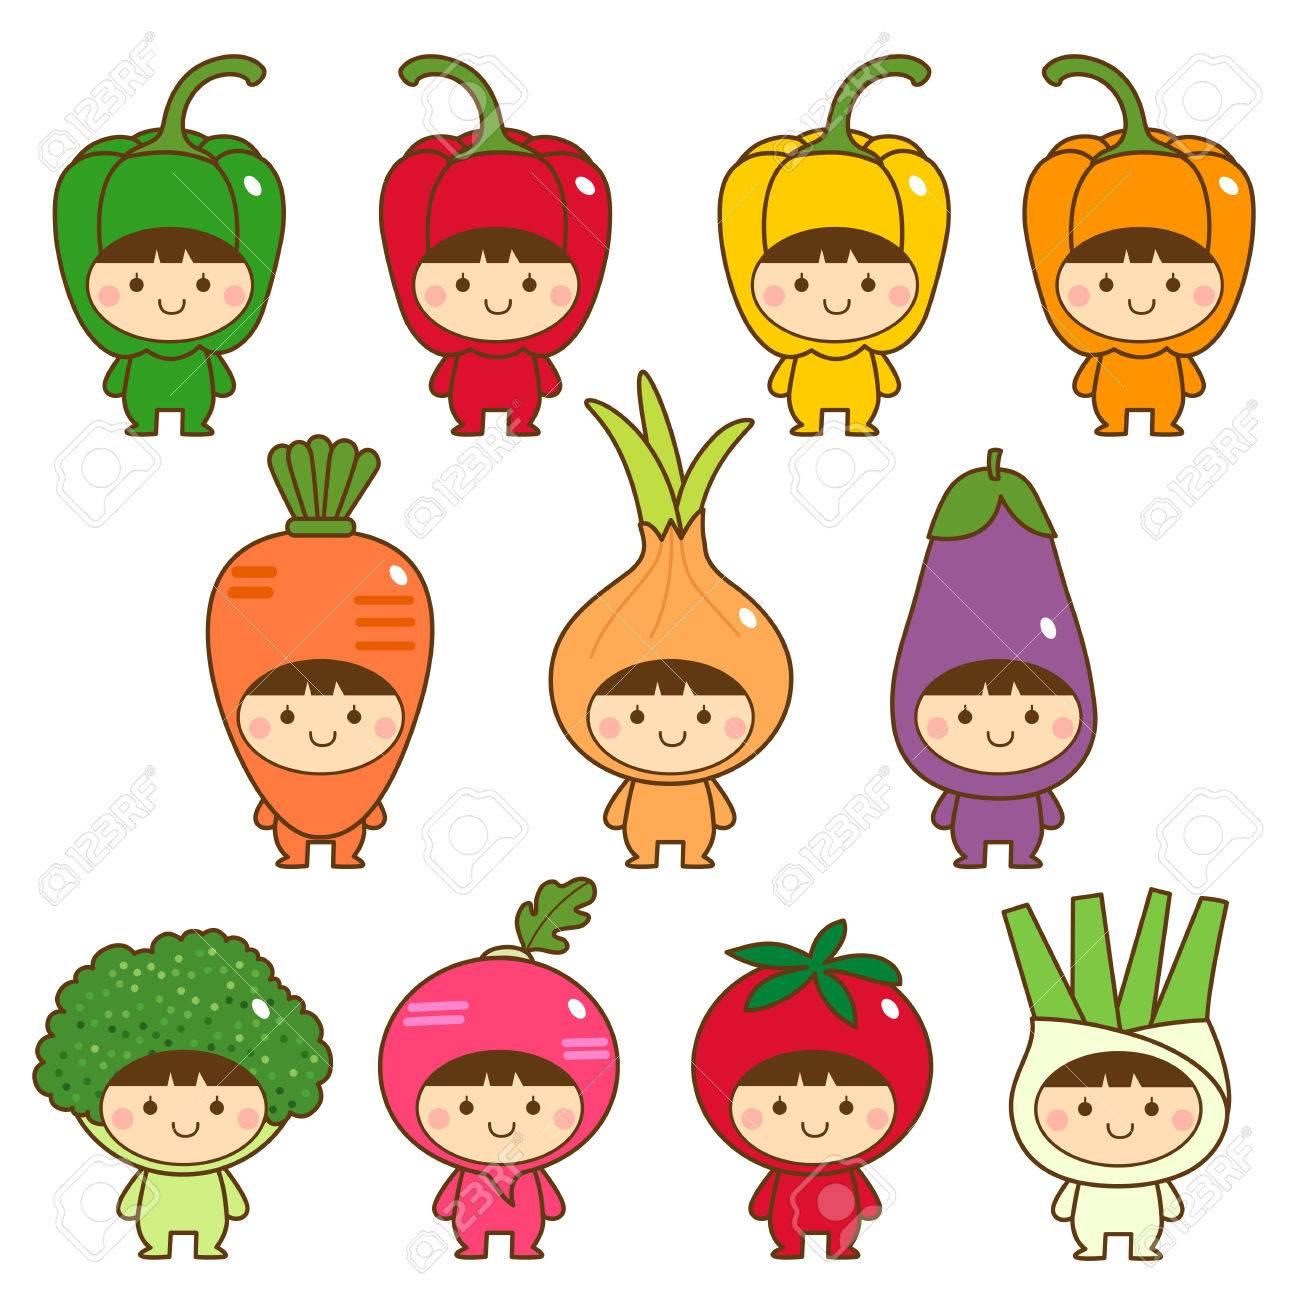 子供たちのかわいい野菜の衣装のセット ロイヤリティフリークリップ